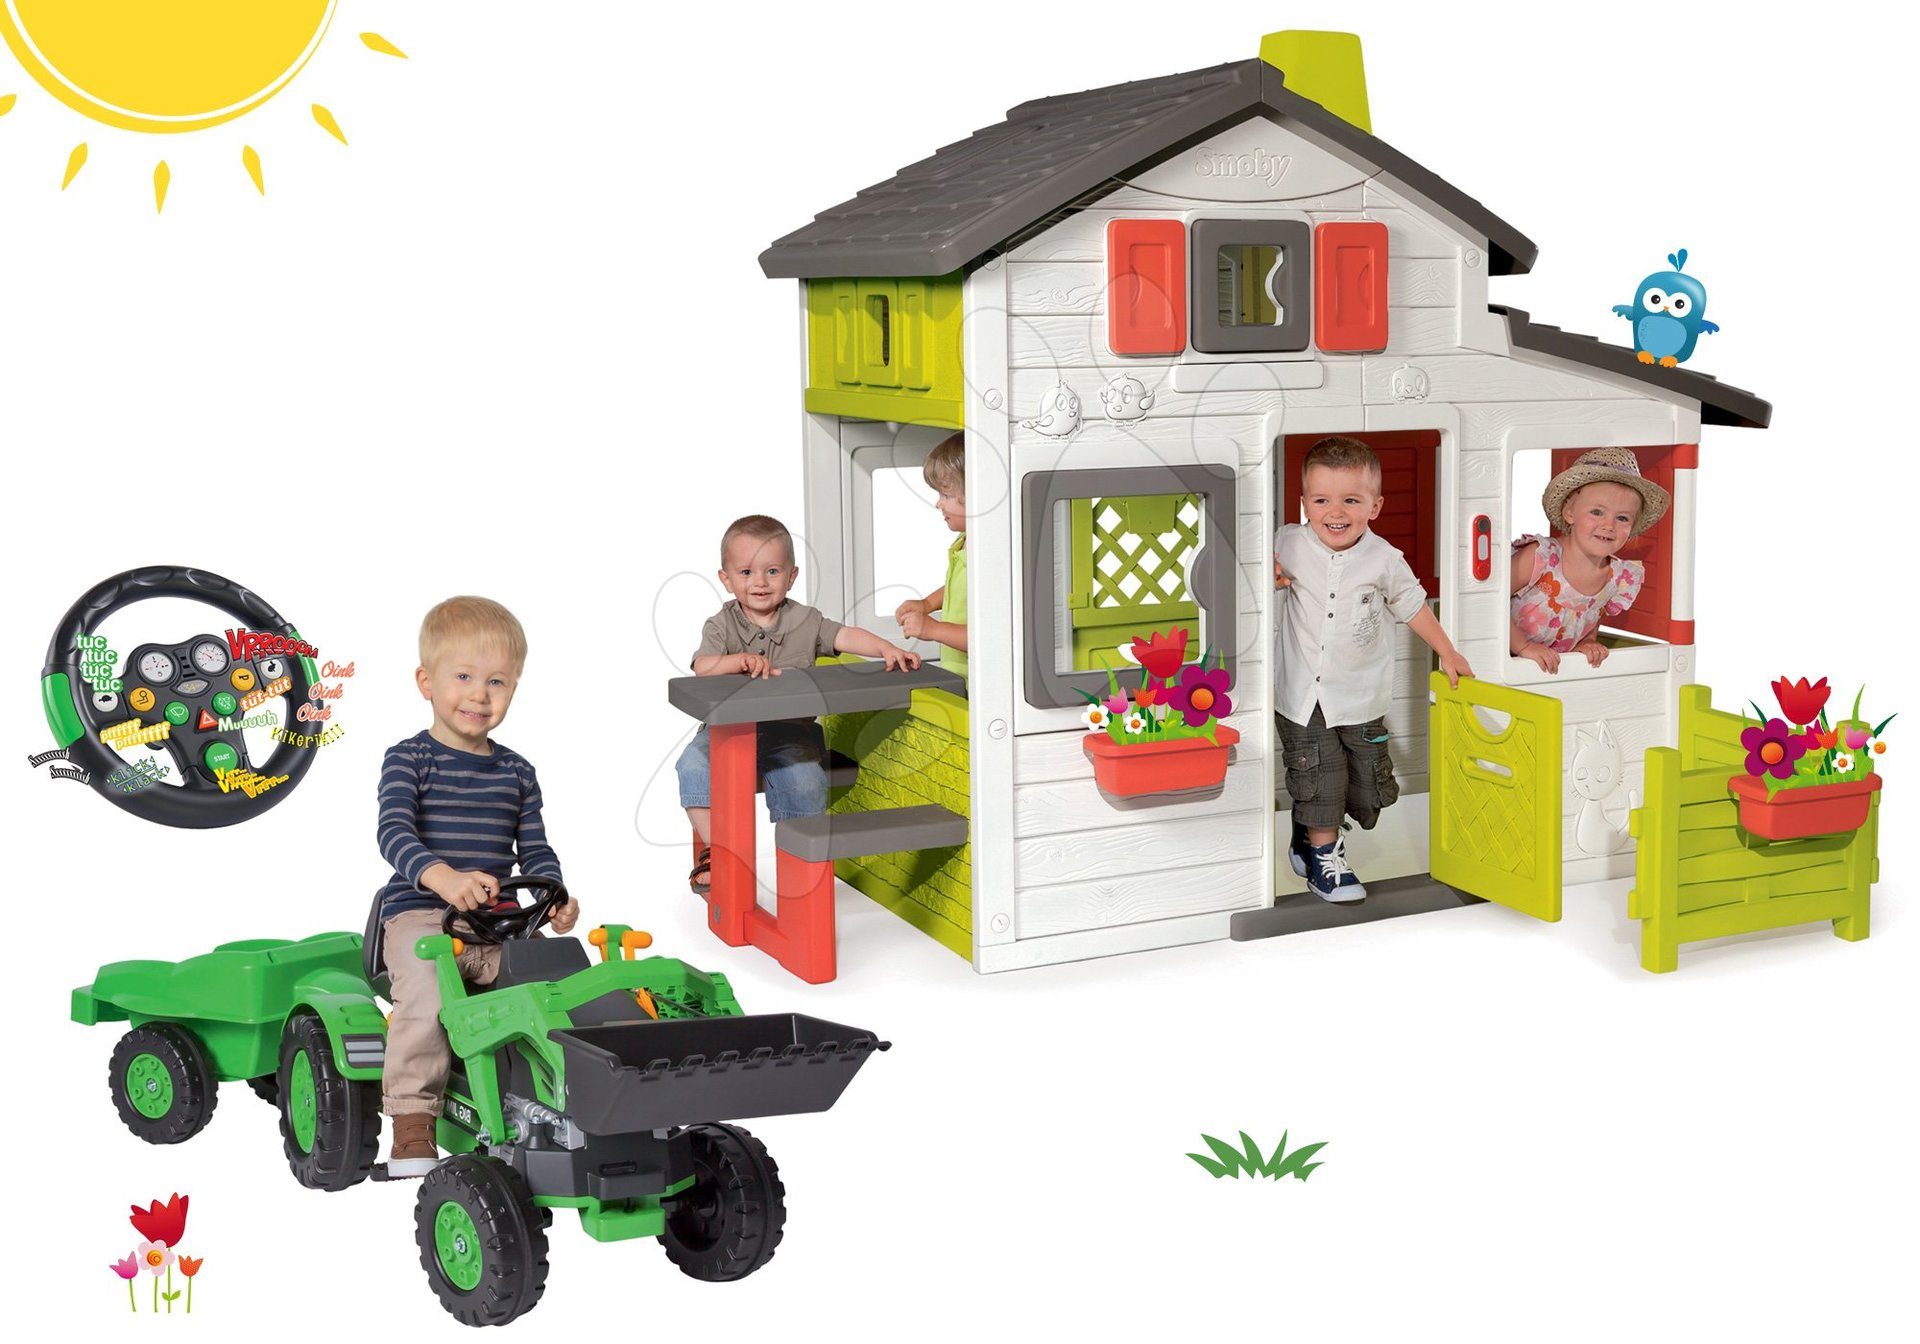 Szett házikó Barátok Smoby kiskerttel és pedálos traktor Jim Loader utánfutóval és elektronikus kormánnyal